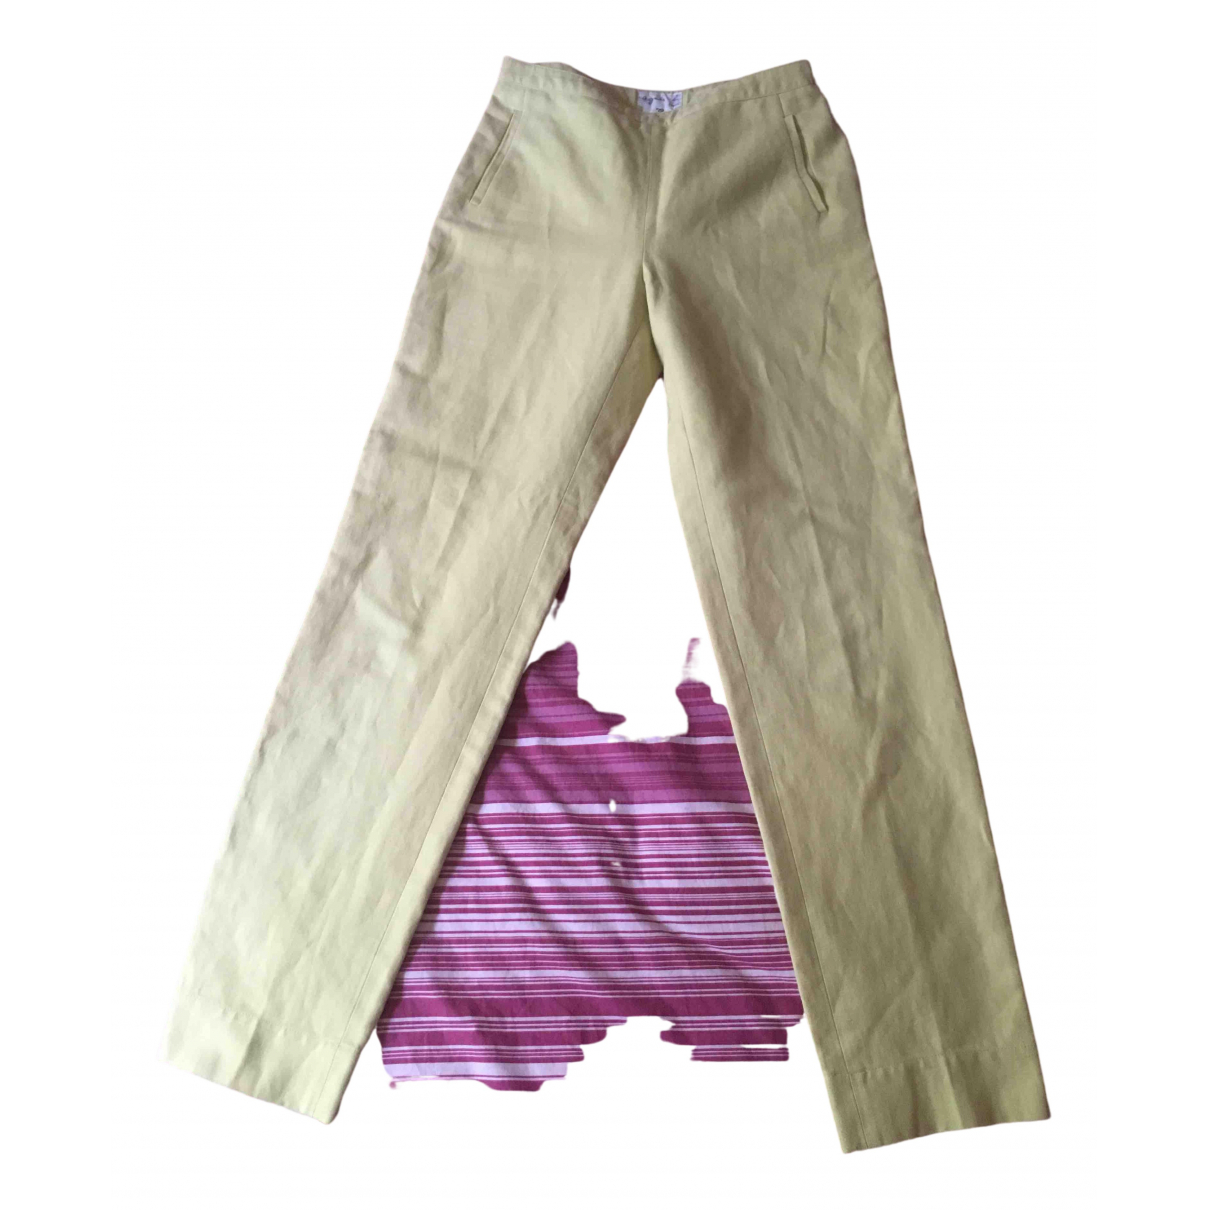 Pantalon recto Agnes B.